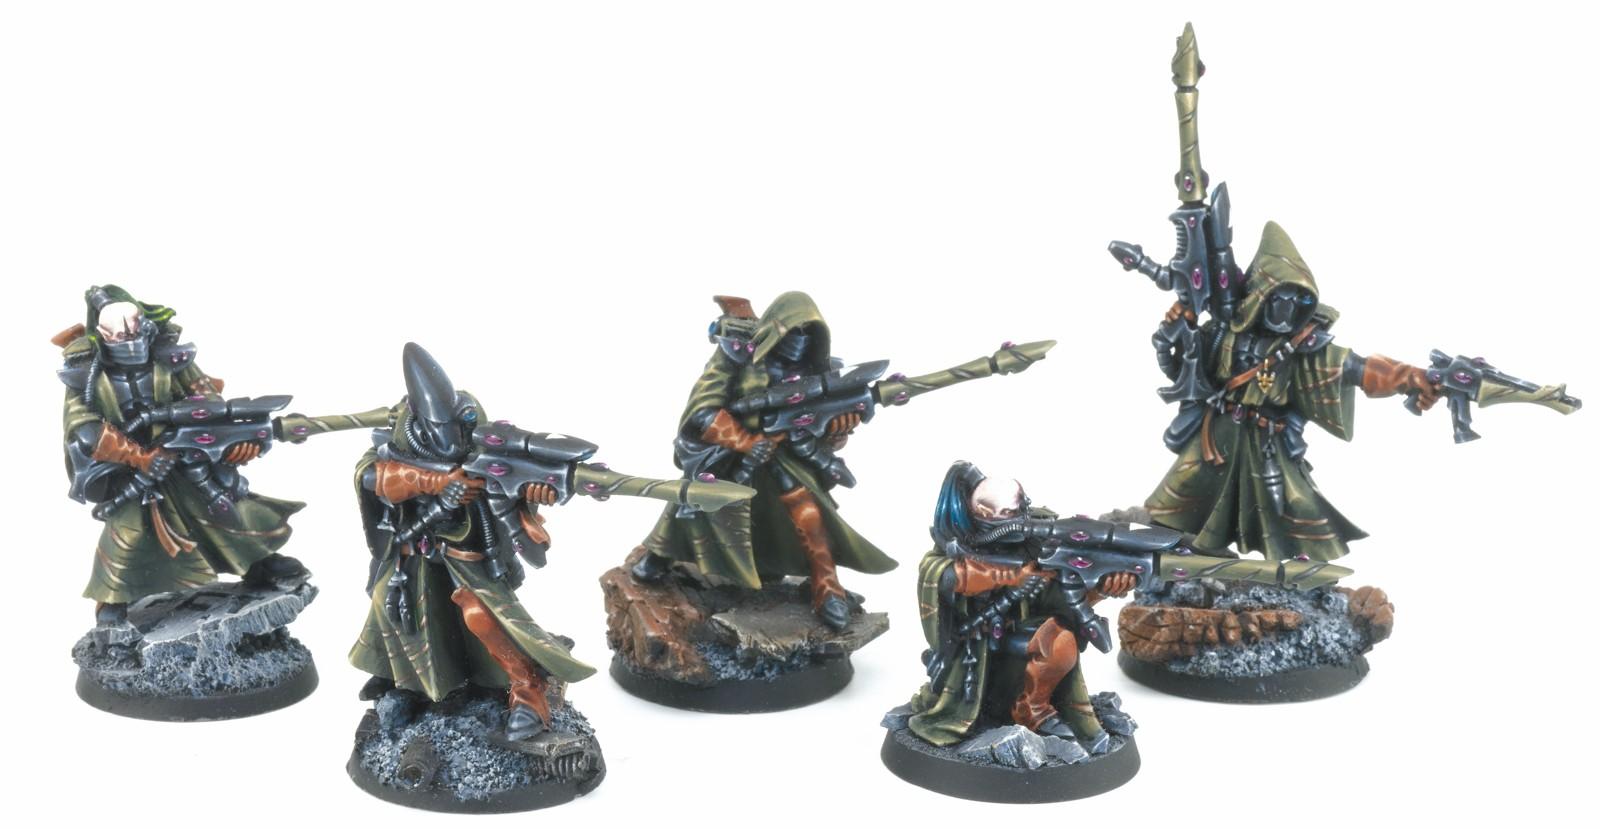 Eldar pathfinders